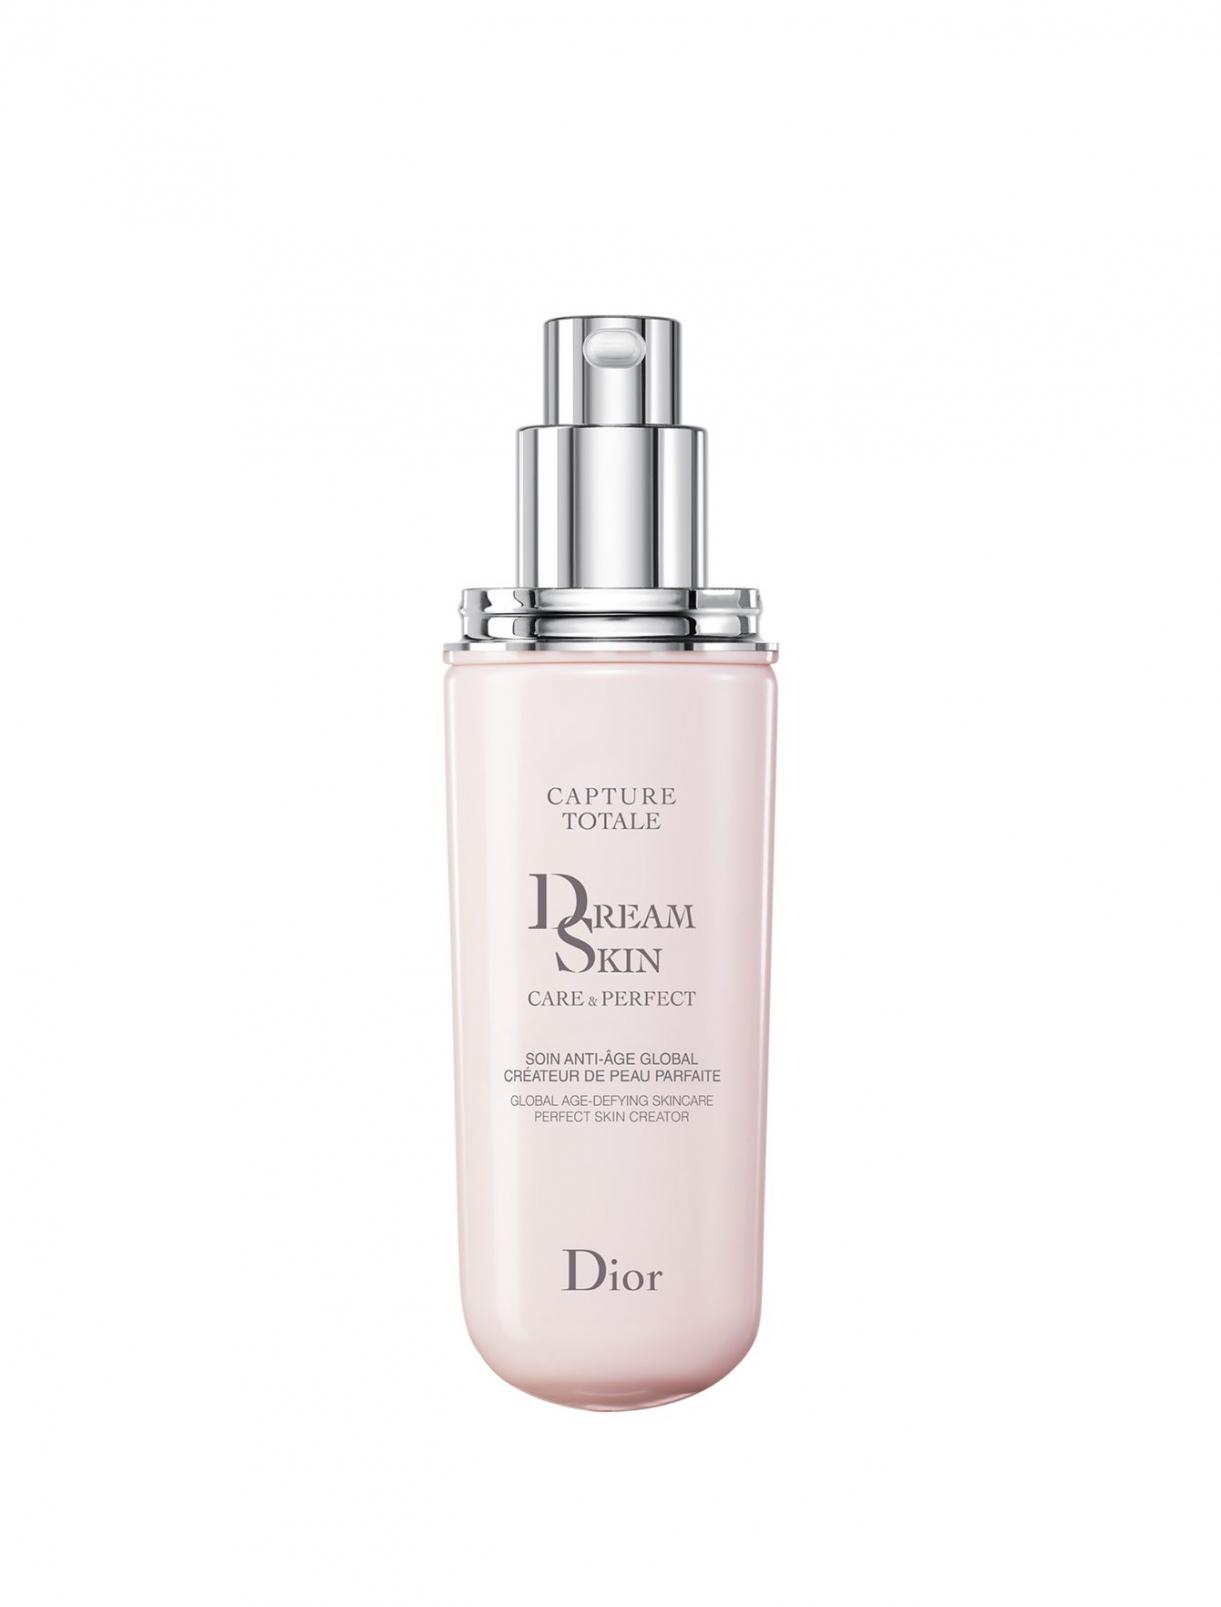 Capture Totale Dreamskin Care&Perfect Омолаживащее средство для лица, придающее коже совершенство (сменный флакон) 50 мл Dior  –  Общий вид